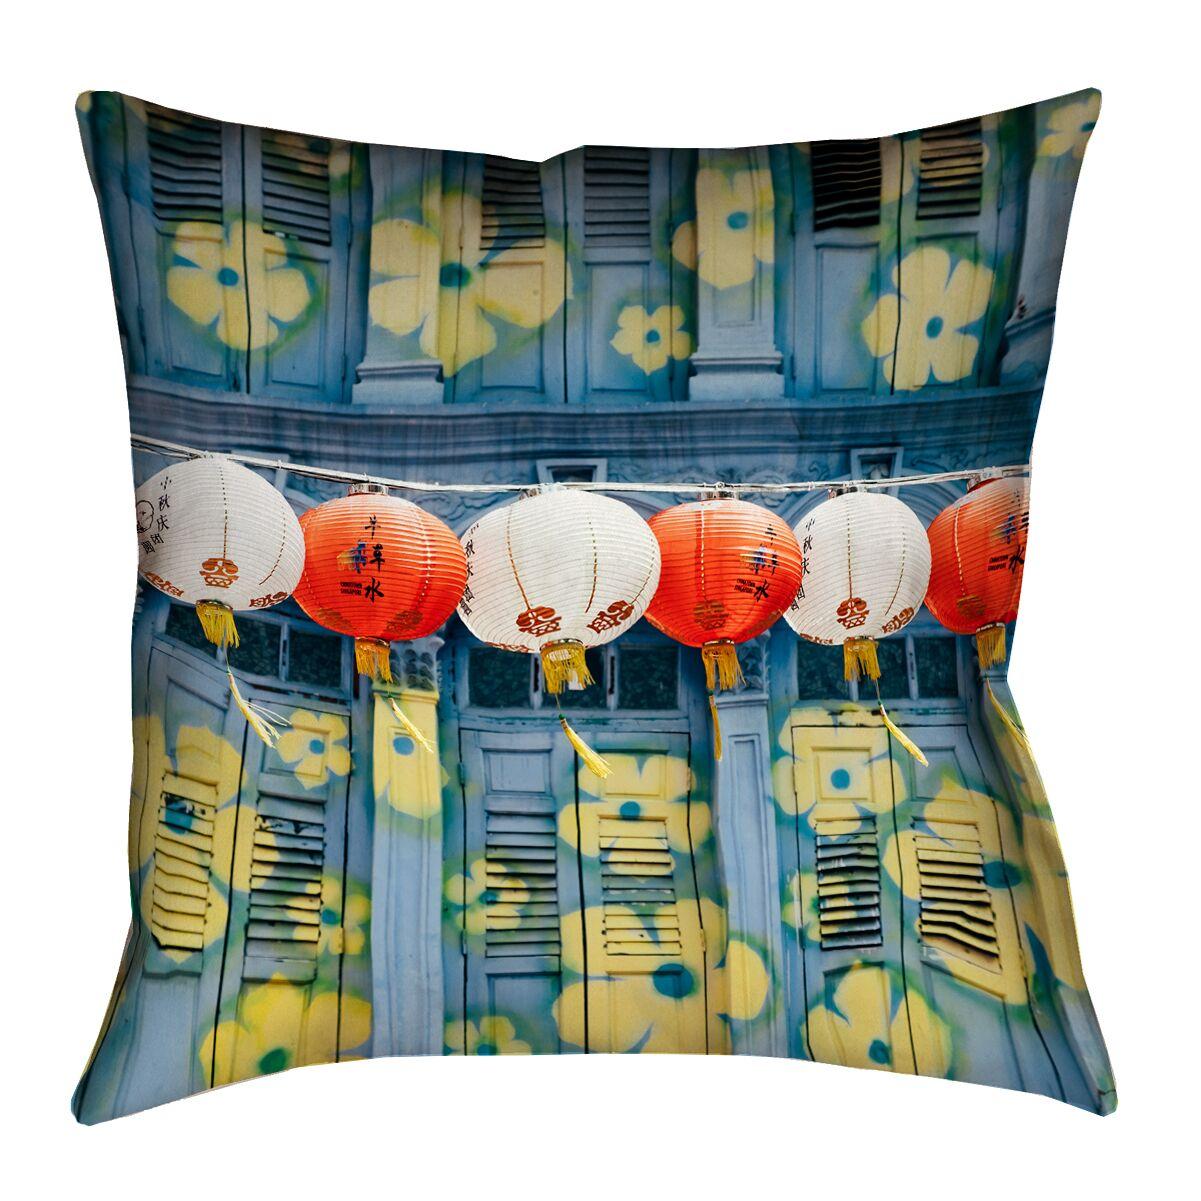 Akini Lanterns in Singapore Square Euro Pillow with Zipper